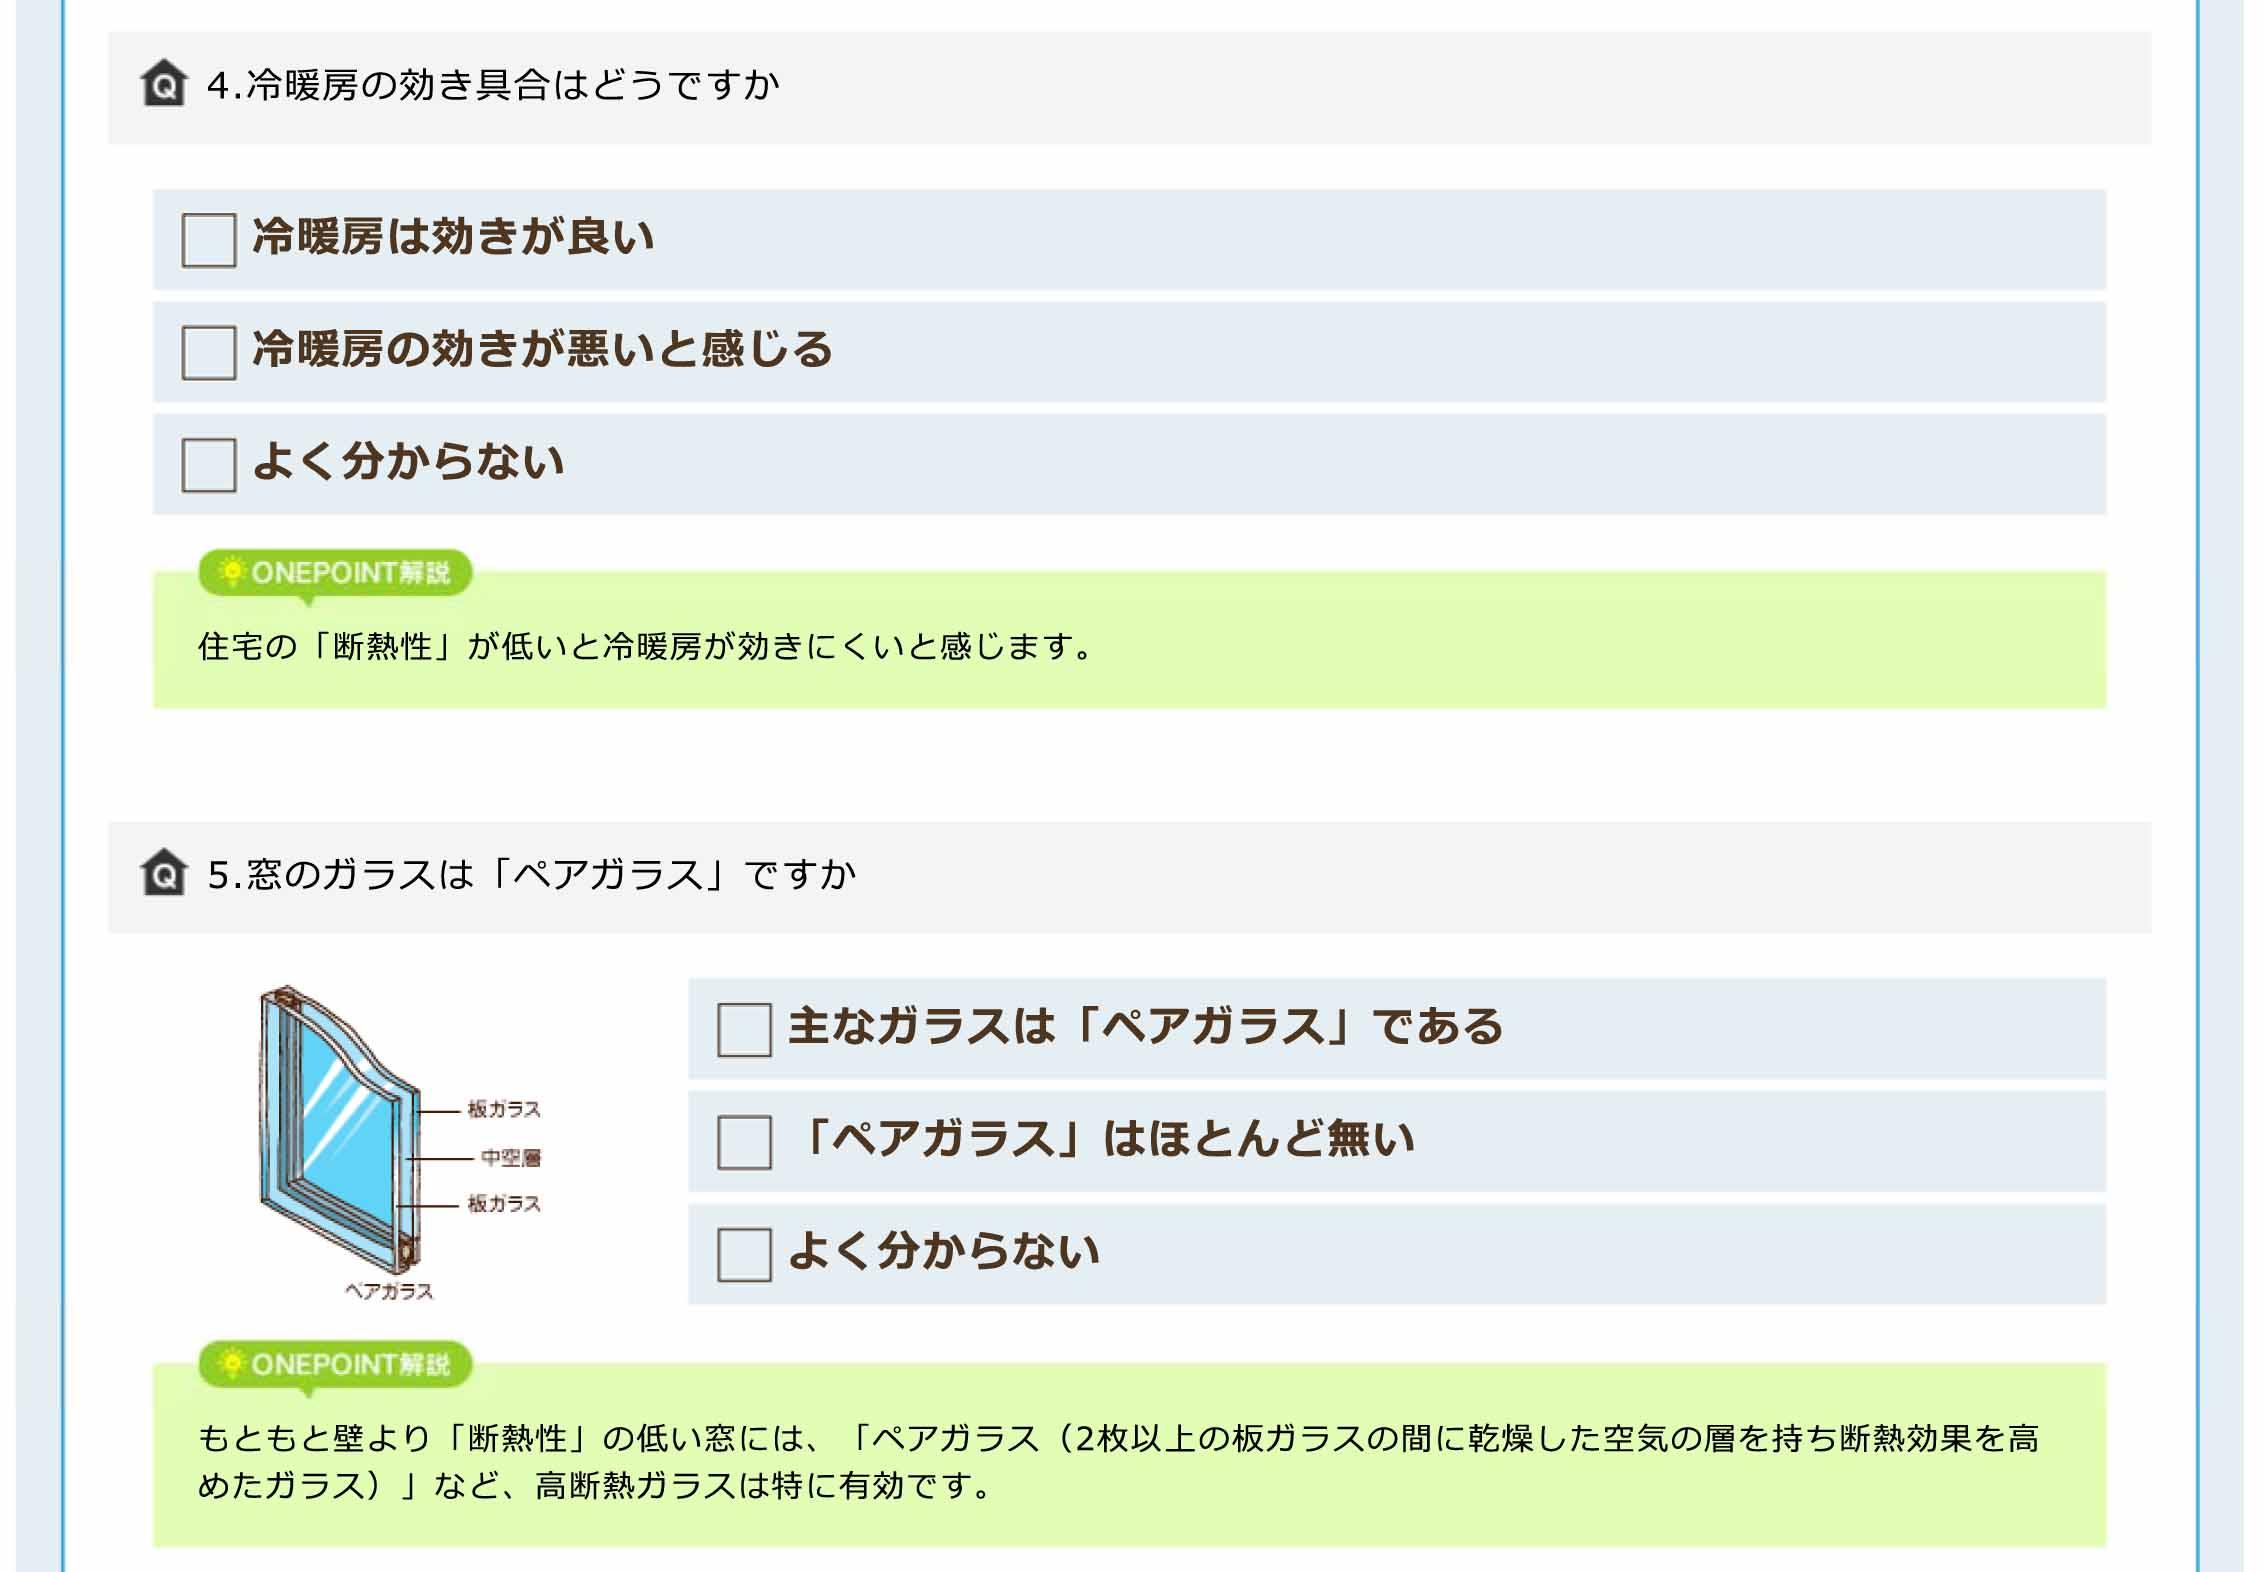 リフォーム評価ナビコンテンツ「リフォーム問診票」制作補助